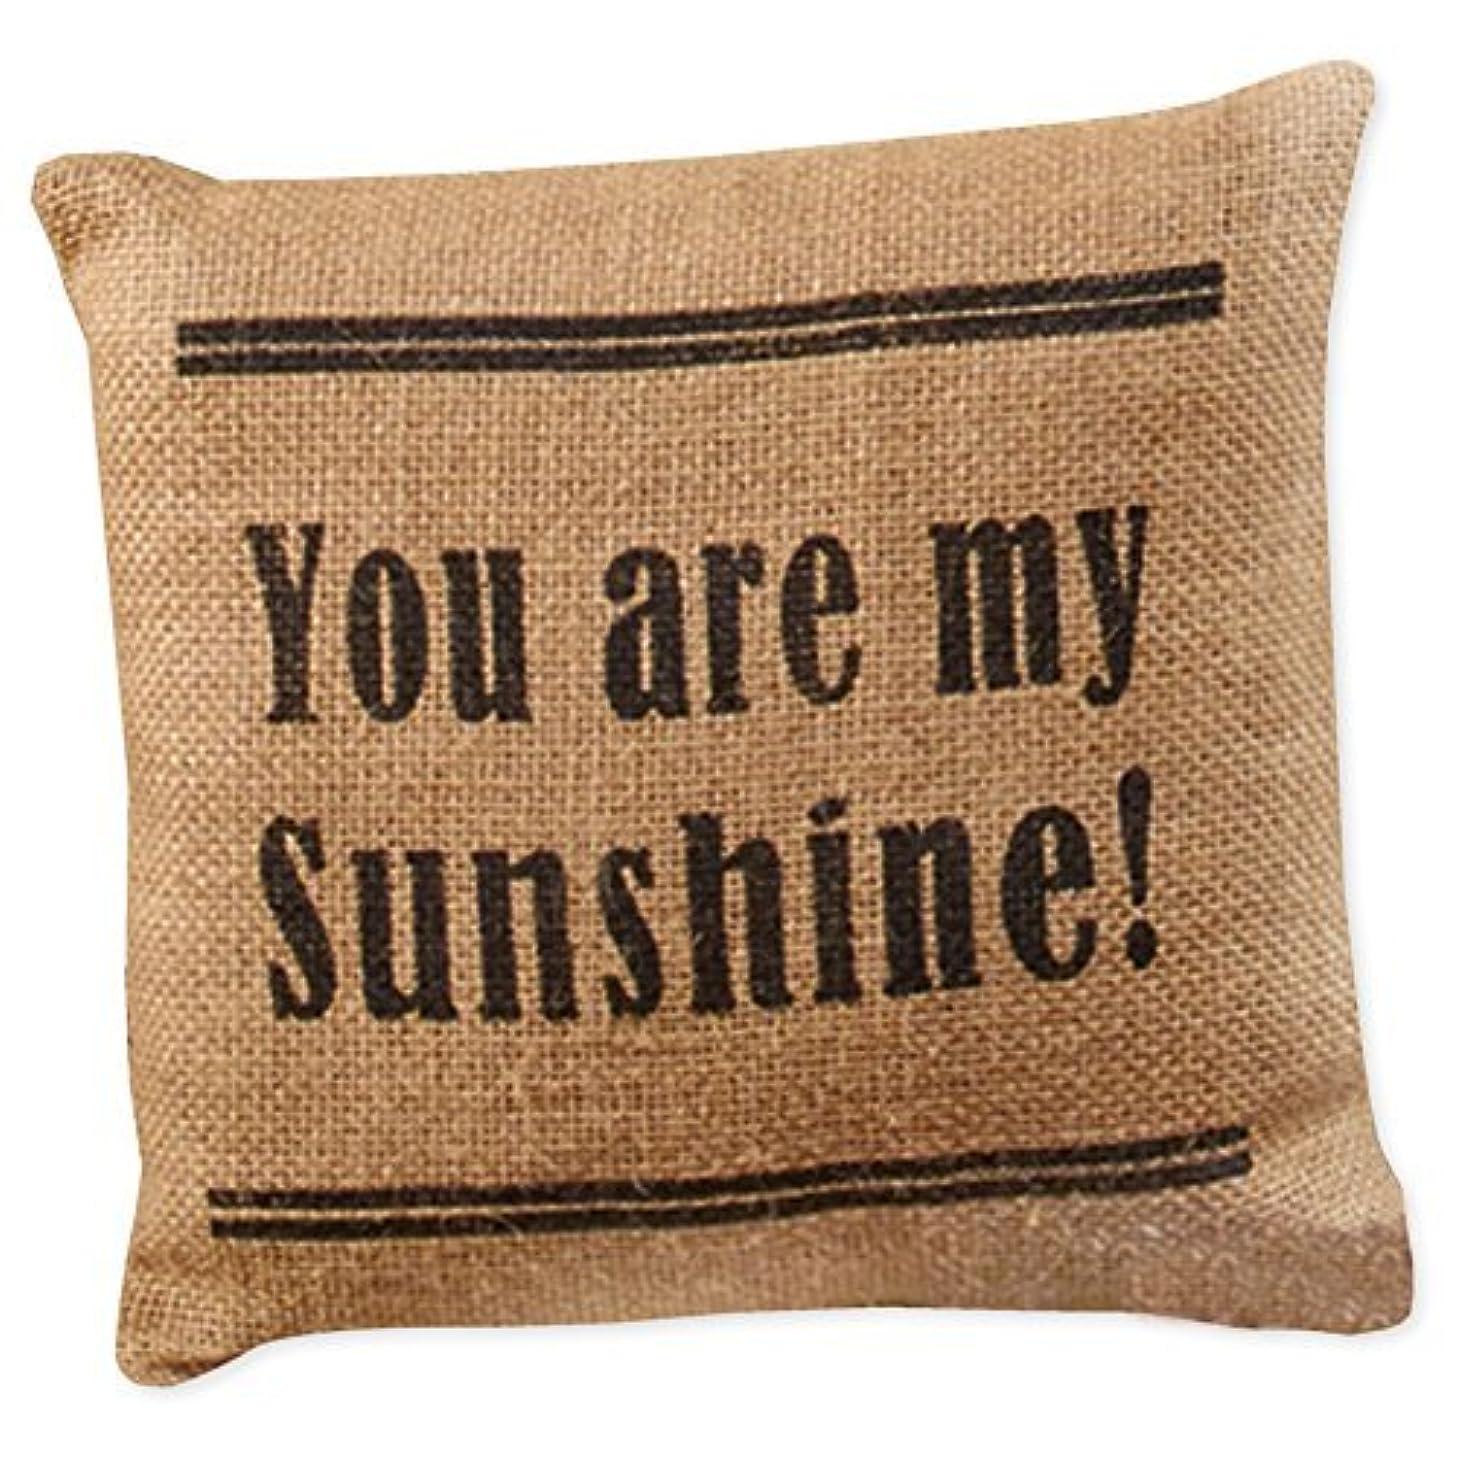 レタステント実用的You Are My Sunshine 8 x 8 Black Ticking Stripe Burlap Decorative Throw Pillow [並行輸入品]